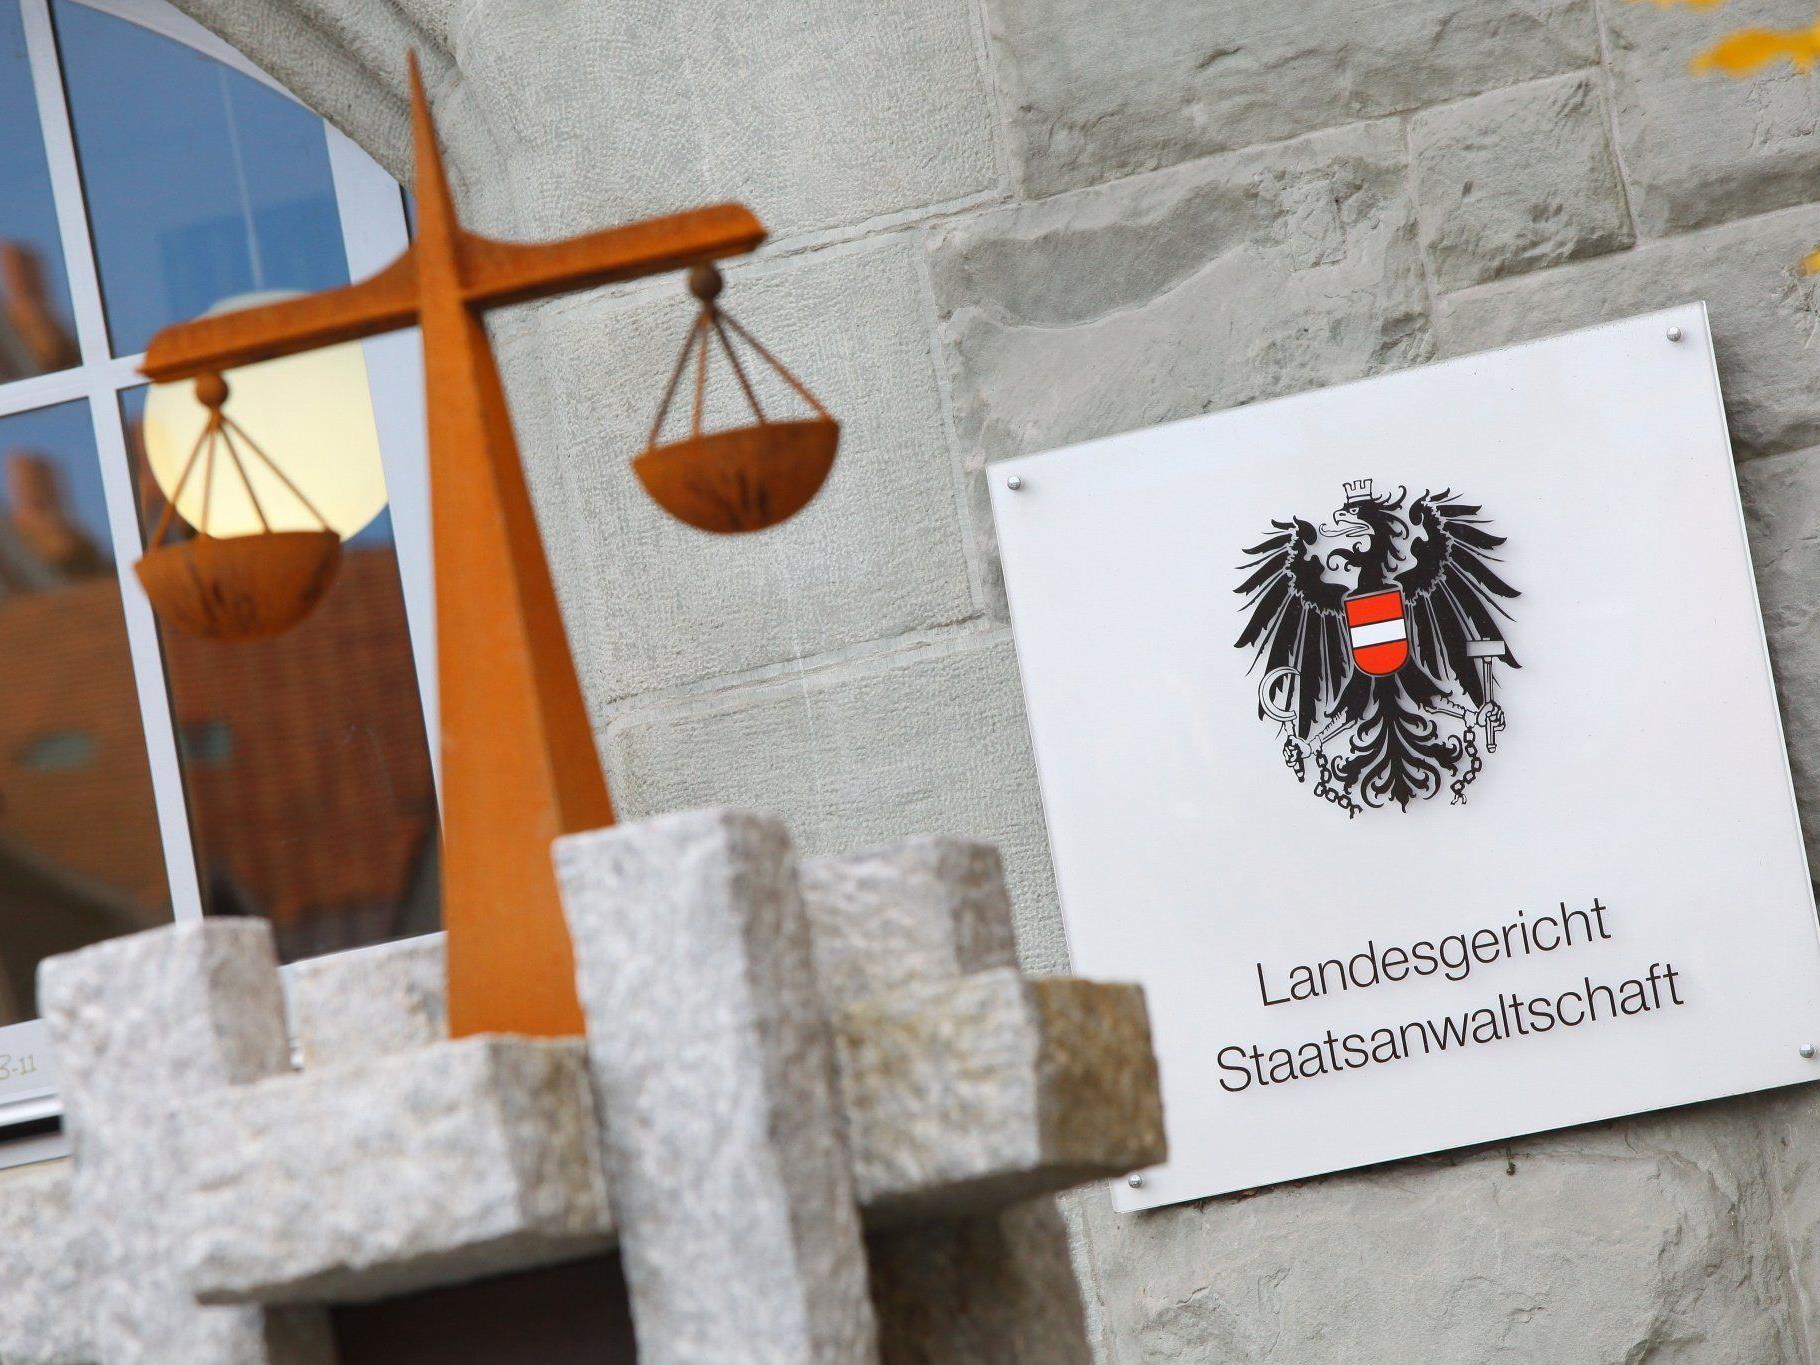 Alkolenker wurde am Landesgericht Feldkirch verurteilt.